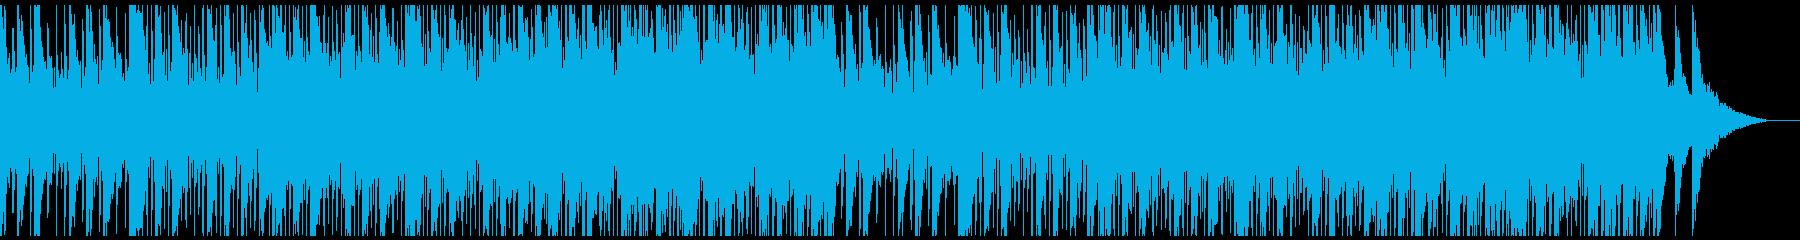 企業VP向けエモーショナルなハウスポップの再生済みの波形